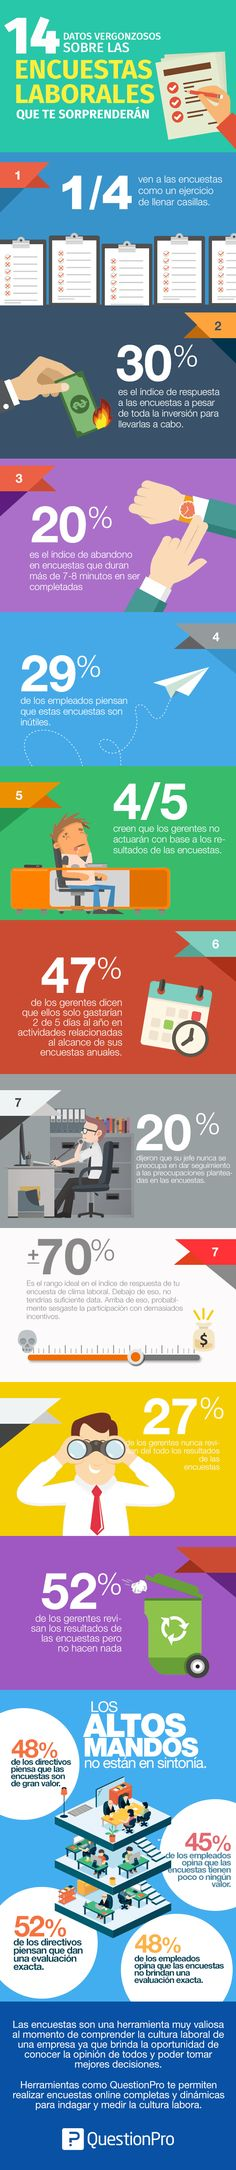 14 datos sobre encuestas laborales que te sorprenderán #infografia